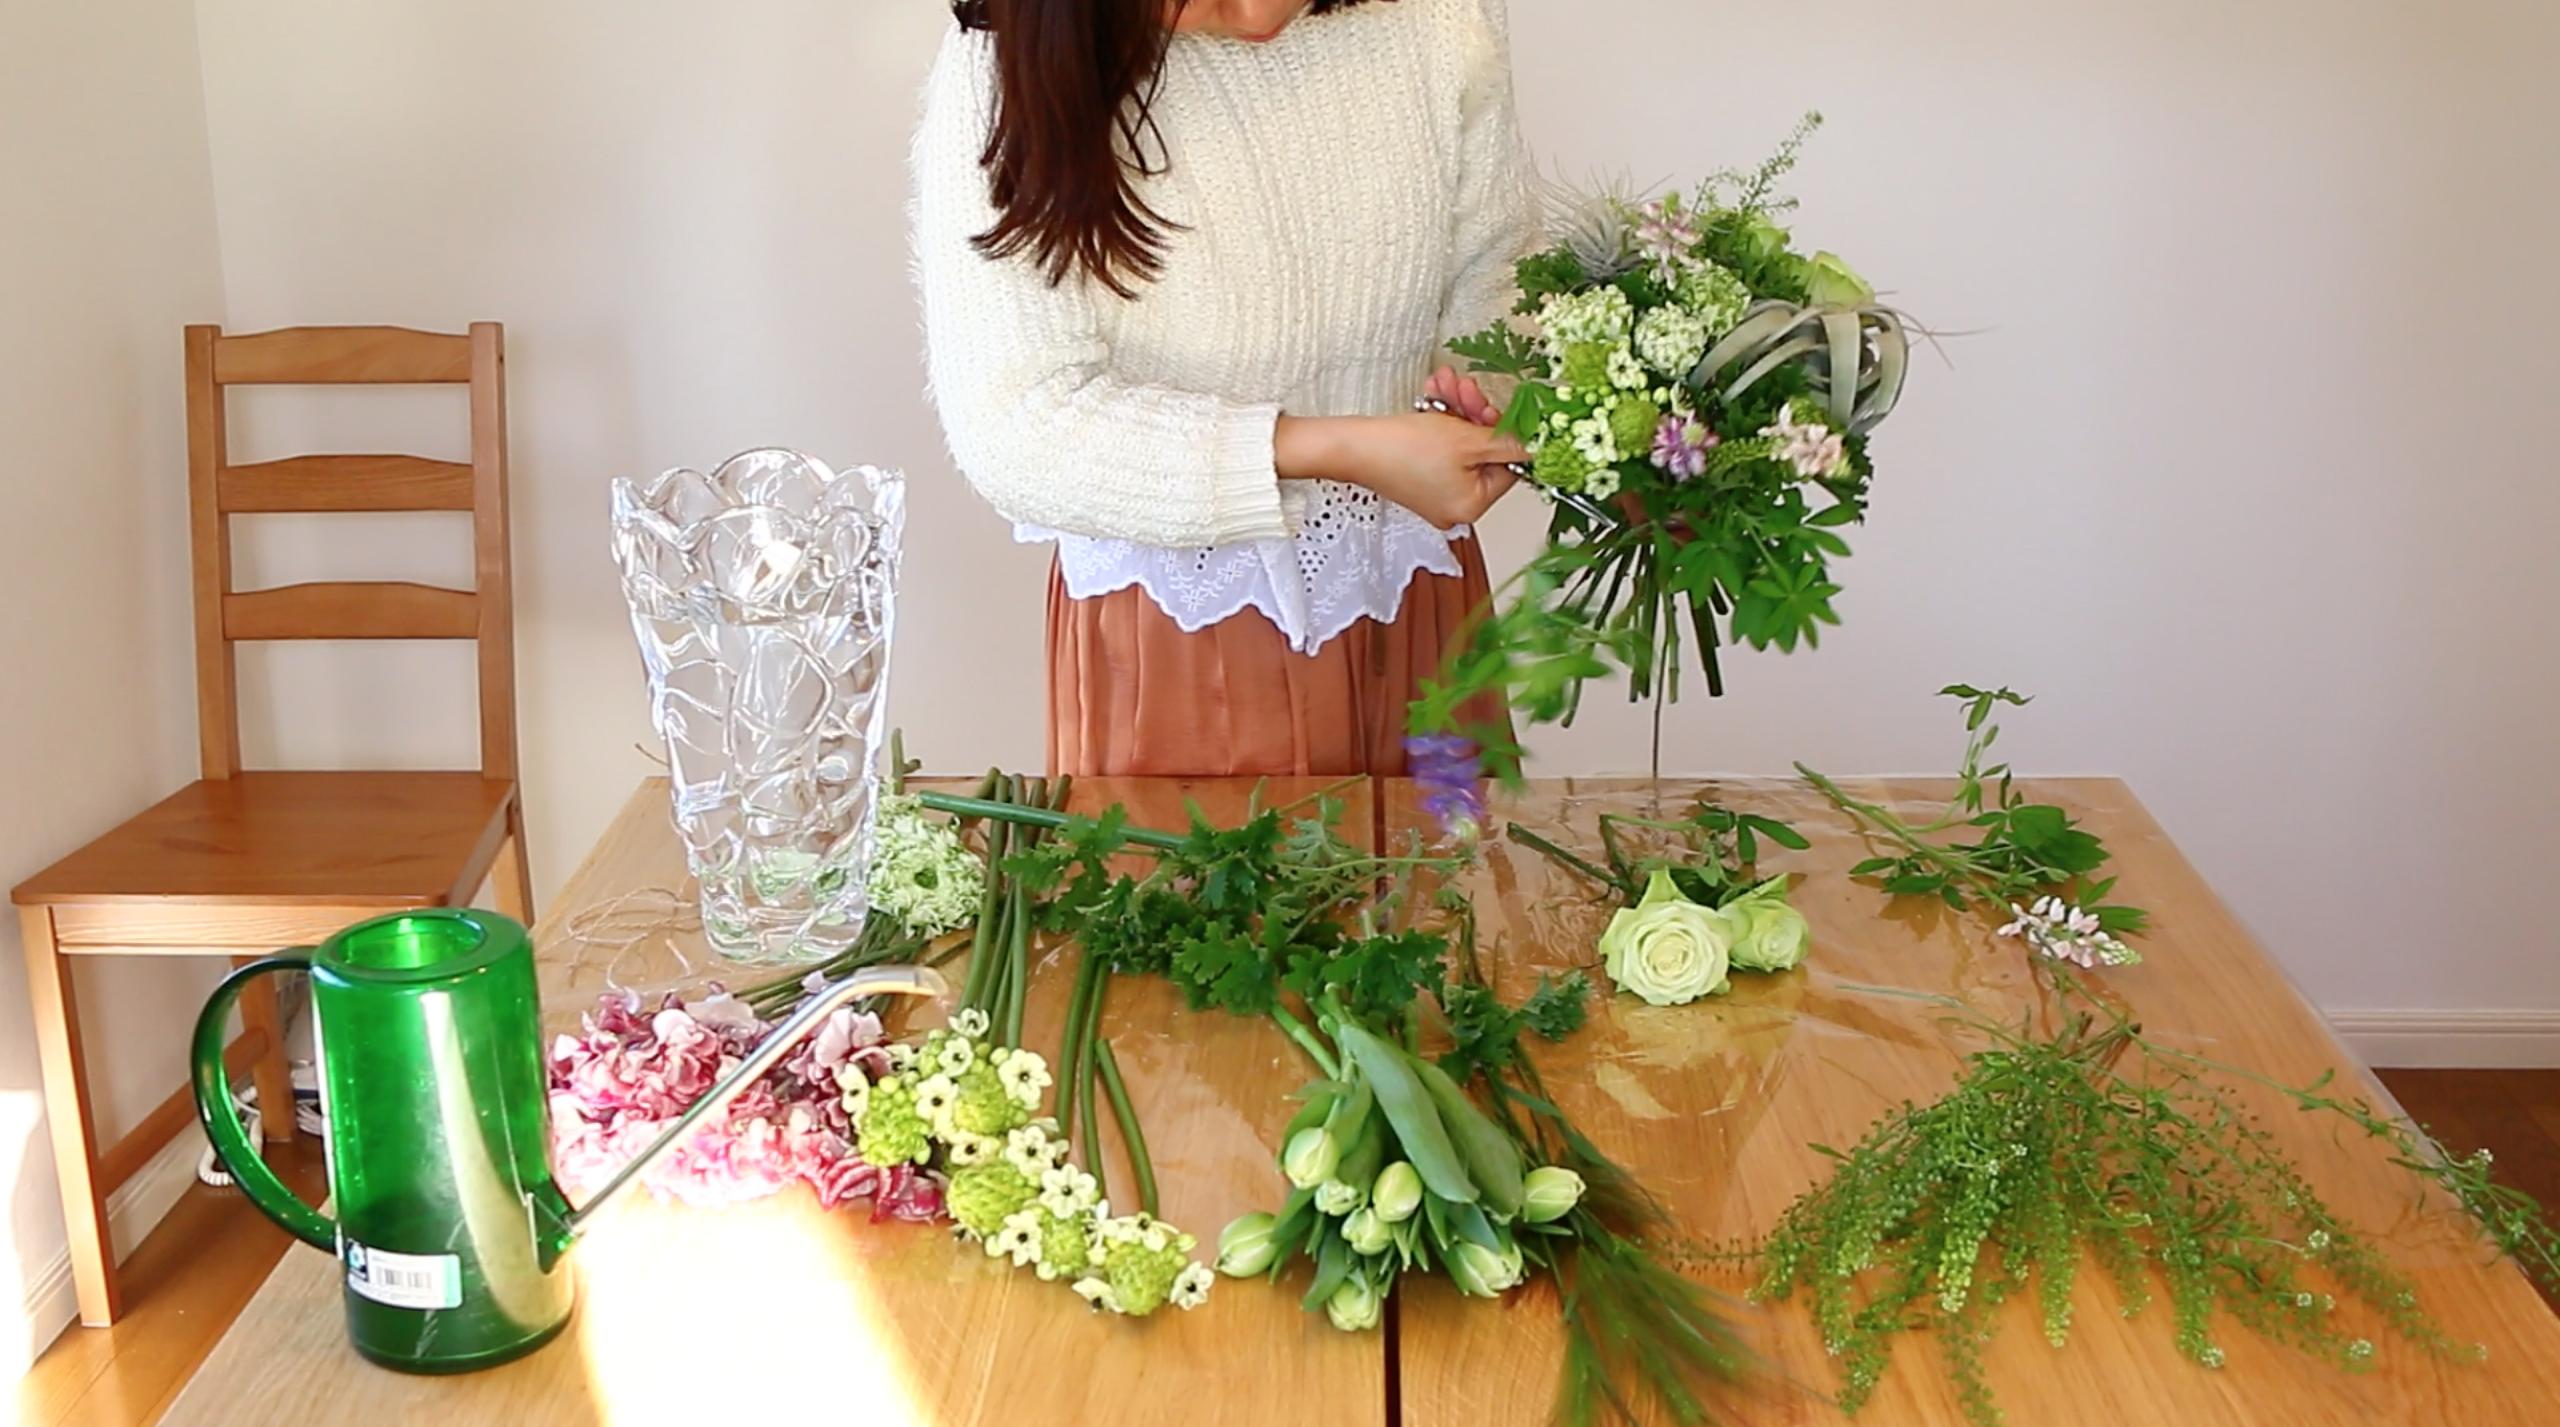 淡い色合いのルピナスや小花が入っていきます。